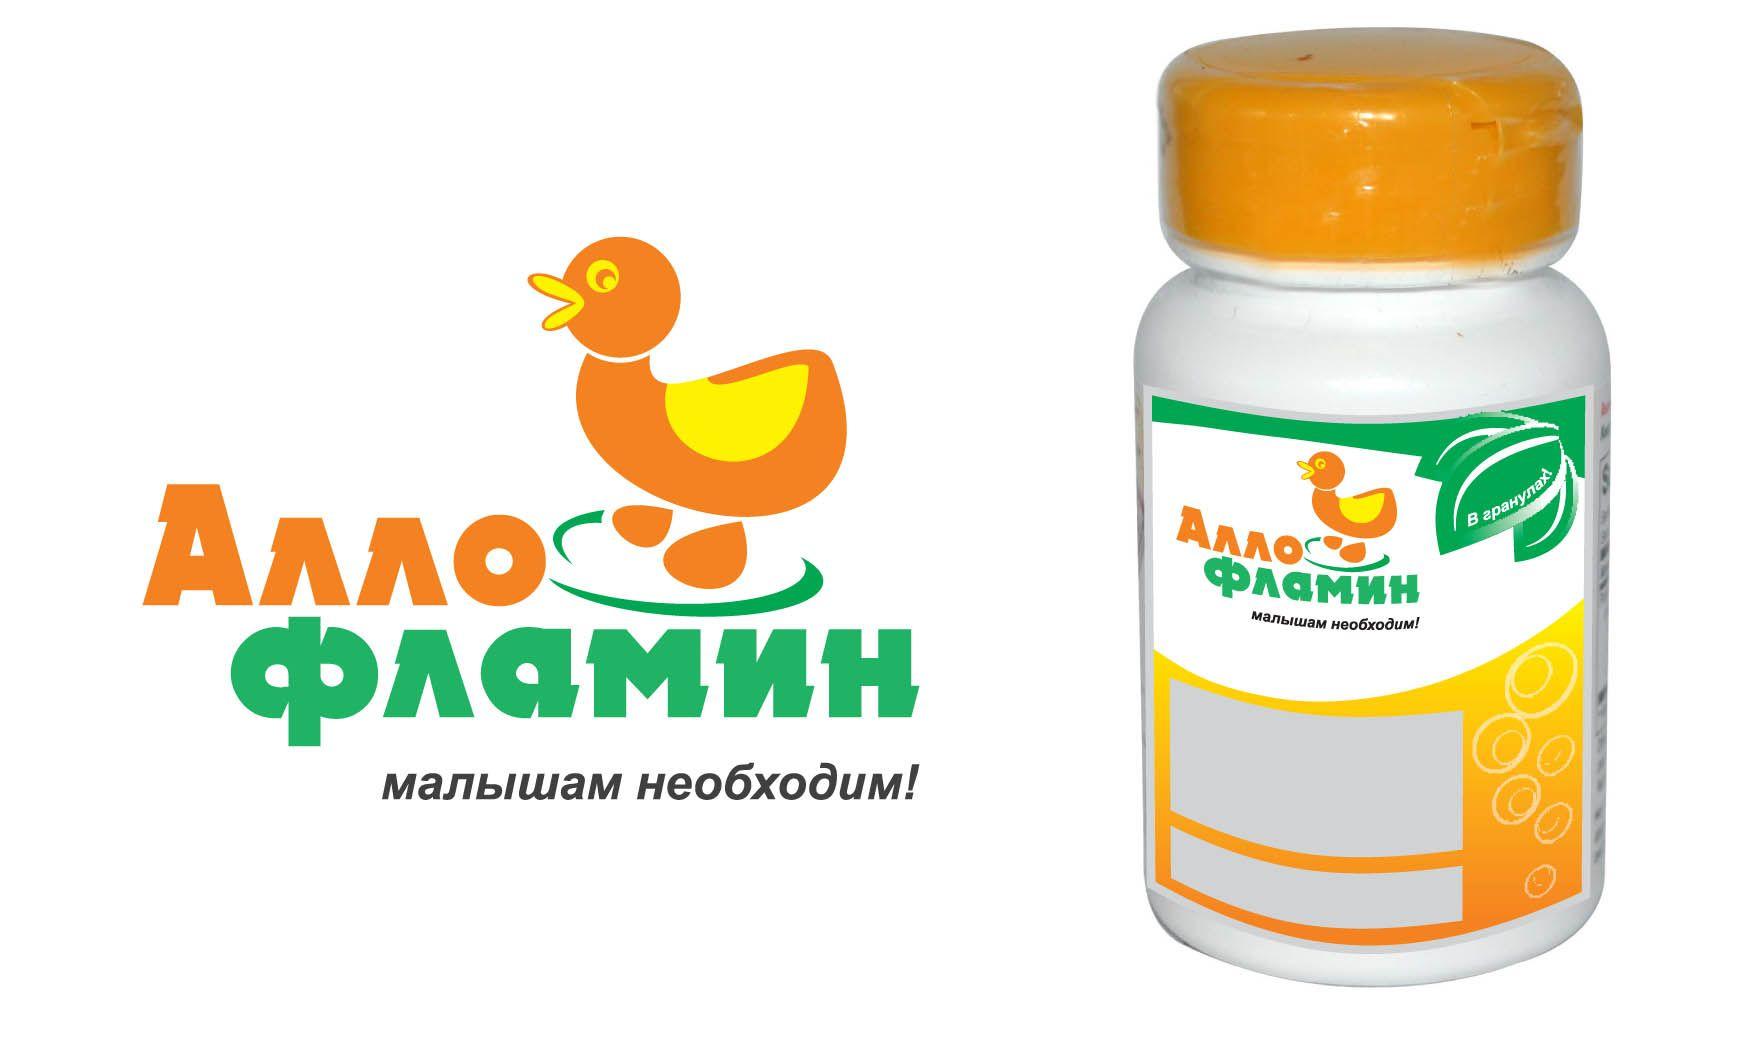 Логотип препарата Аллофламин - дизайнер Lucknni